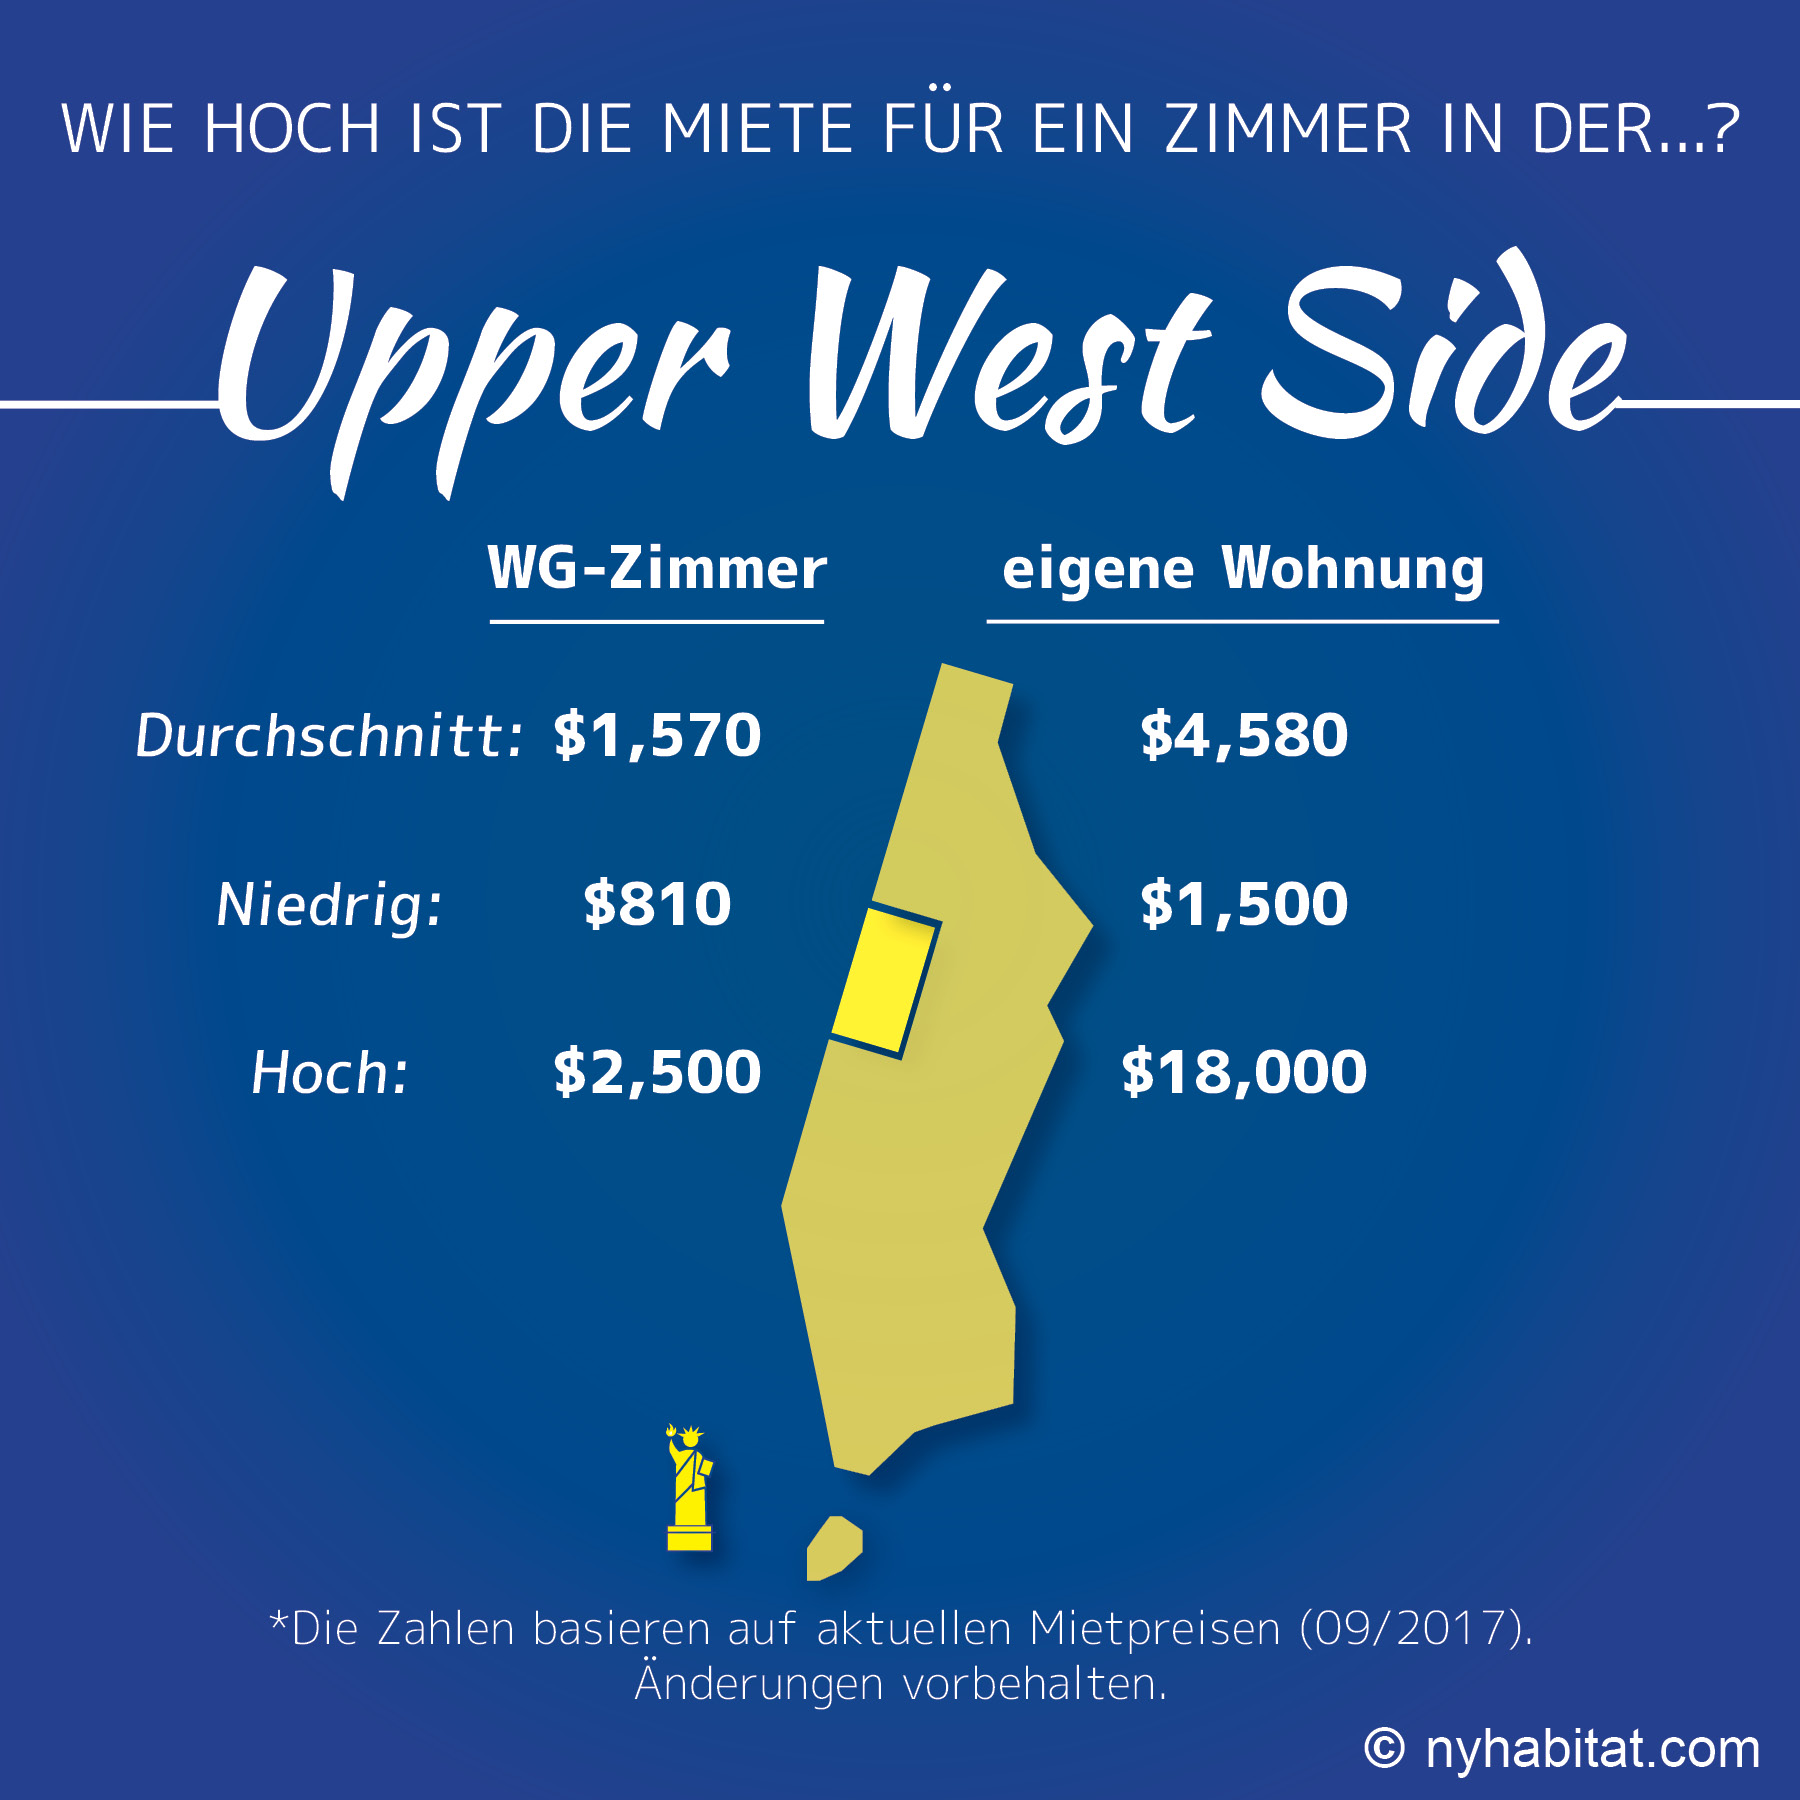 Infografik zu WG-Zimmer- und Wohnungspreisen in der Upper West